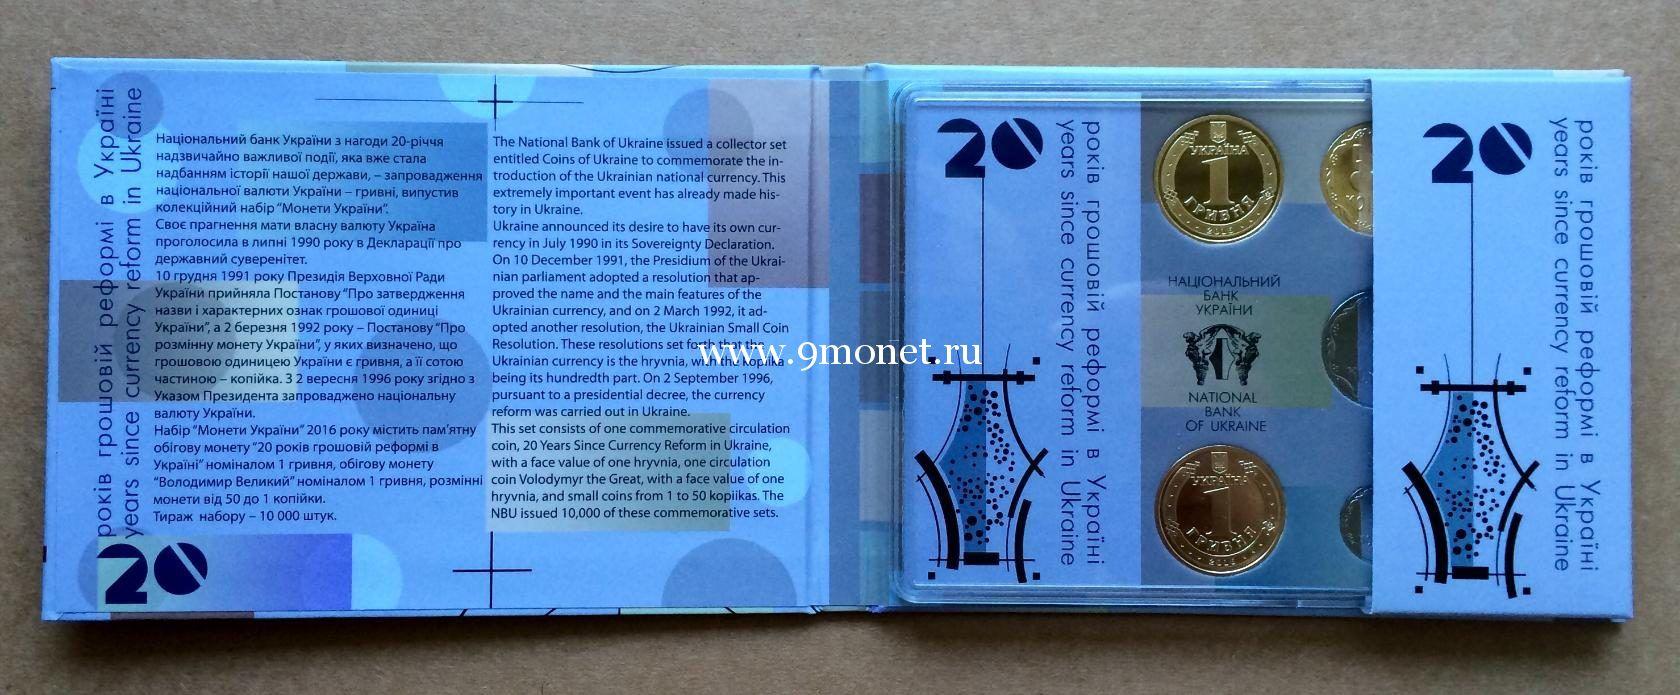 Годовой набор монет Украины в буклете. 2016 год.